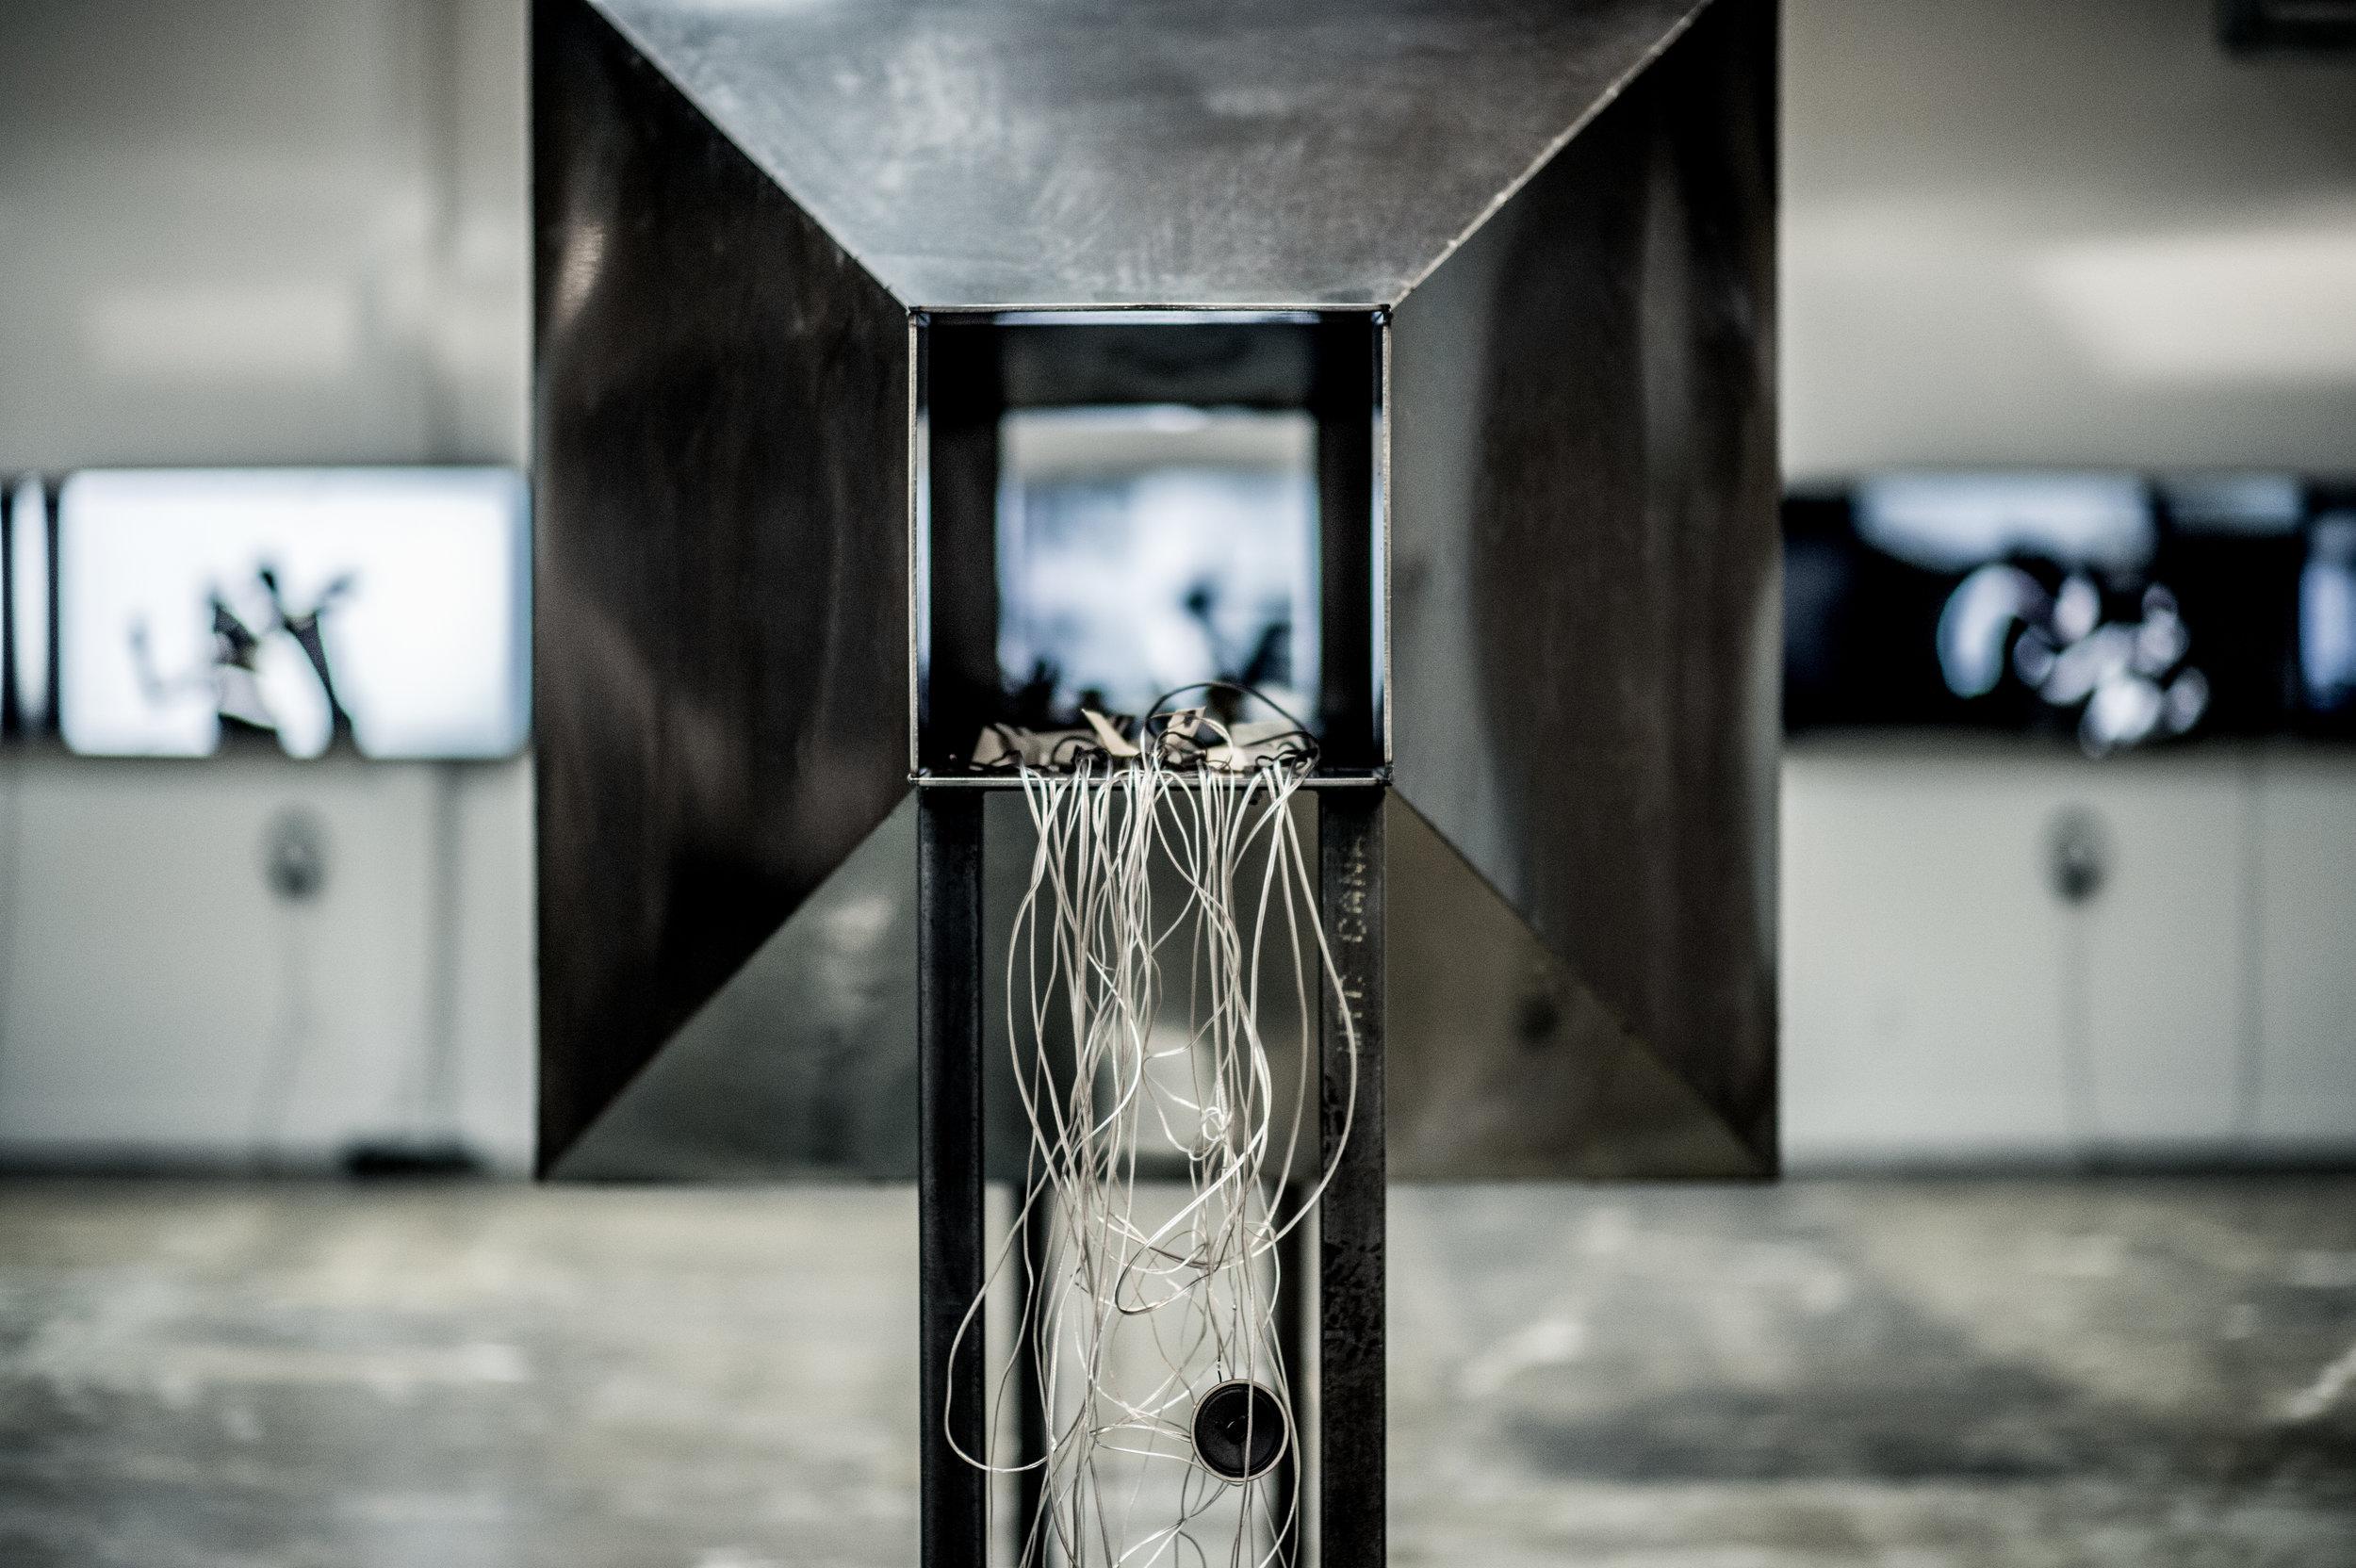 """[y2o_dualités]    ARSENAL ART CONTEMPORAIN - MONTRÉAL (CA)    November 5 2015 to May 7 2016.    Dès les premières esquisses de Dominique Skoltz, y2o était imaginé comme un projet tentaculaire, se déployant aussi sous forme d'installations, de photos et autres objets sculpturaux. Un univers complexe qui révélait les intériorités plurielles d'un couple. Après avoir sillonné une quarantaine de festivals et manifestations en arts médiatiques, Dominique Skoltz propose une adaptation 'in_situ"""", en mode installation au Centre Phi à Montréal puis à L'Arsenal Toronto. C'est en novembre 2015 et suite à l'acquisition de """"y2o huis clos"""" par la collection Majudia que l'Arsenal Montréal présente y2o_dualités, une déclinaison complète, révélant ainsi la pluralité des médiums utilisés par Dominique Skoltz.    y2o dualités_ est le parcours de deux individus en eaux troubles, submergés par leurs pulsions physiques et émotionnelles. Ici, les corps construisent un langage où fluidité et collisions ont leurs propres résonnances. Au-delà du lexique visuel singulier de Dominique Skoltz, cette   installation exprime une intériorité à fleur de peau où chaque image, geste et objet évoquent une symbolique qui constitue autant de facettes d'un prisme complexe. Au coeur de y2o dualités_ se trouve un désir de communiquer avec l'autre, de résonner en lui, d'émettre et de recevoir pour entrer en l'autre comme pour mieux plonger en soi. Spleen et volupté, asphyxie et exaltation, dévoration et rejet il est ici question de sentir l'intérieur par l'extérieur et l'inverse.    Se laisser émouvoir des deux côtés de la peau .     http://www.dominiquetskoltz.com/arsenal-montral/    http://www.arsenalmontreal.com/fr/artistes/dominique-skoltz"""